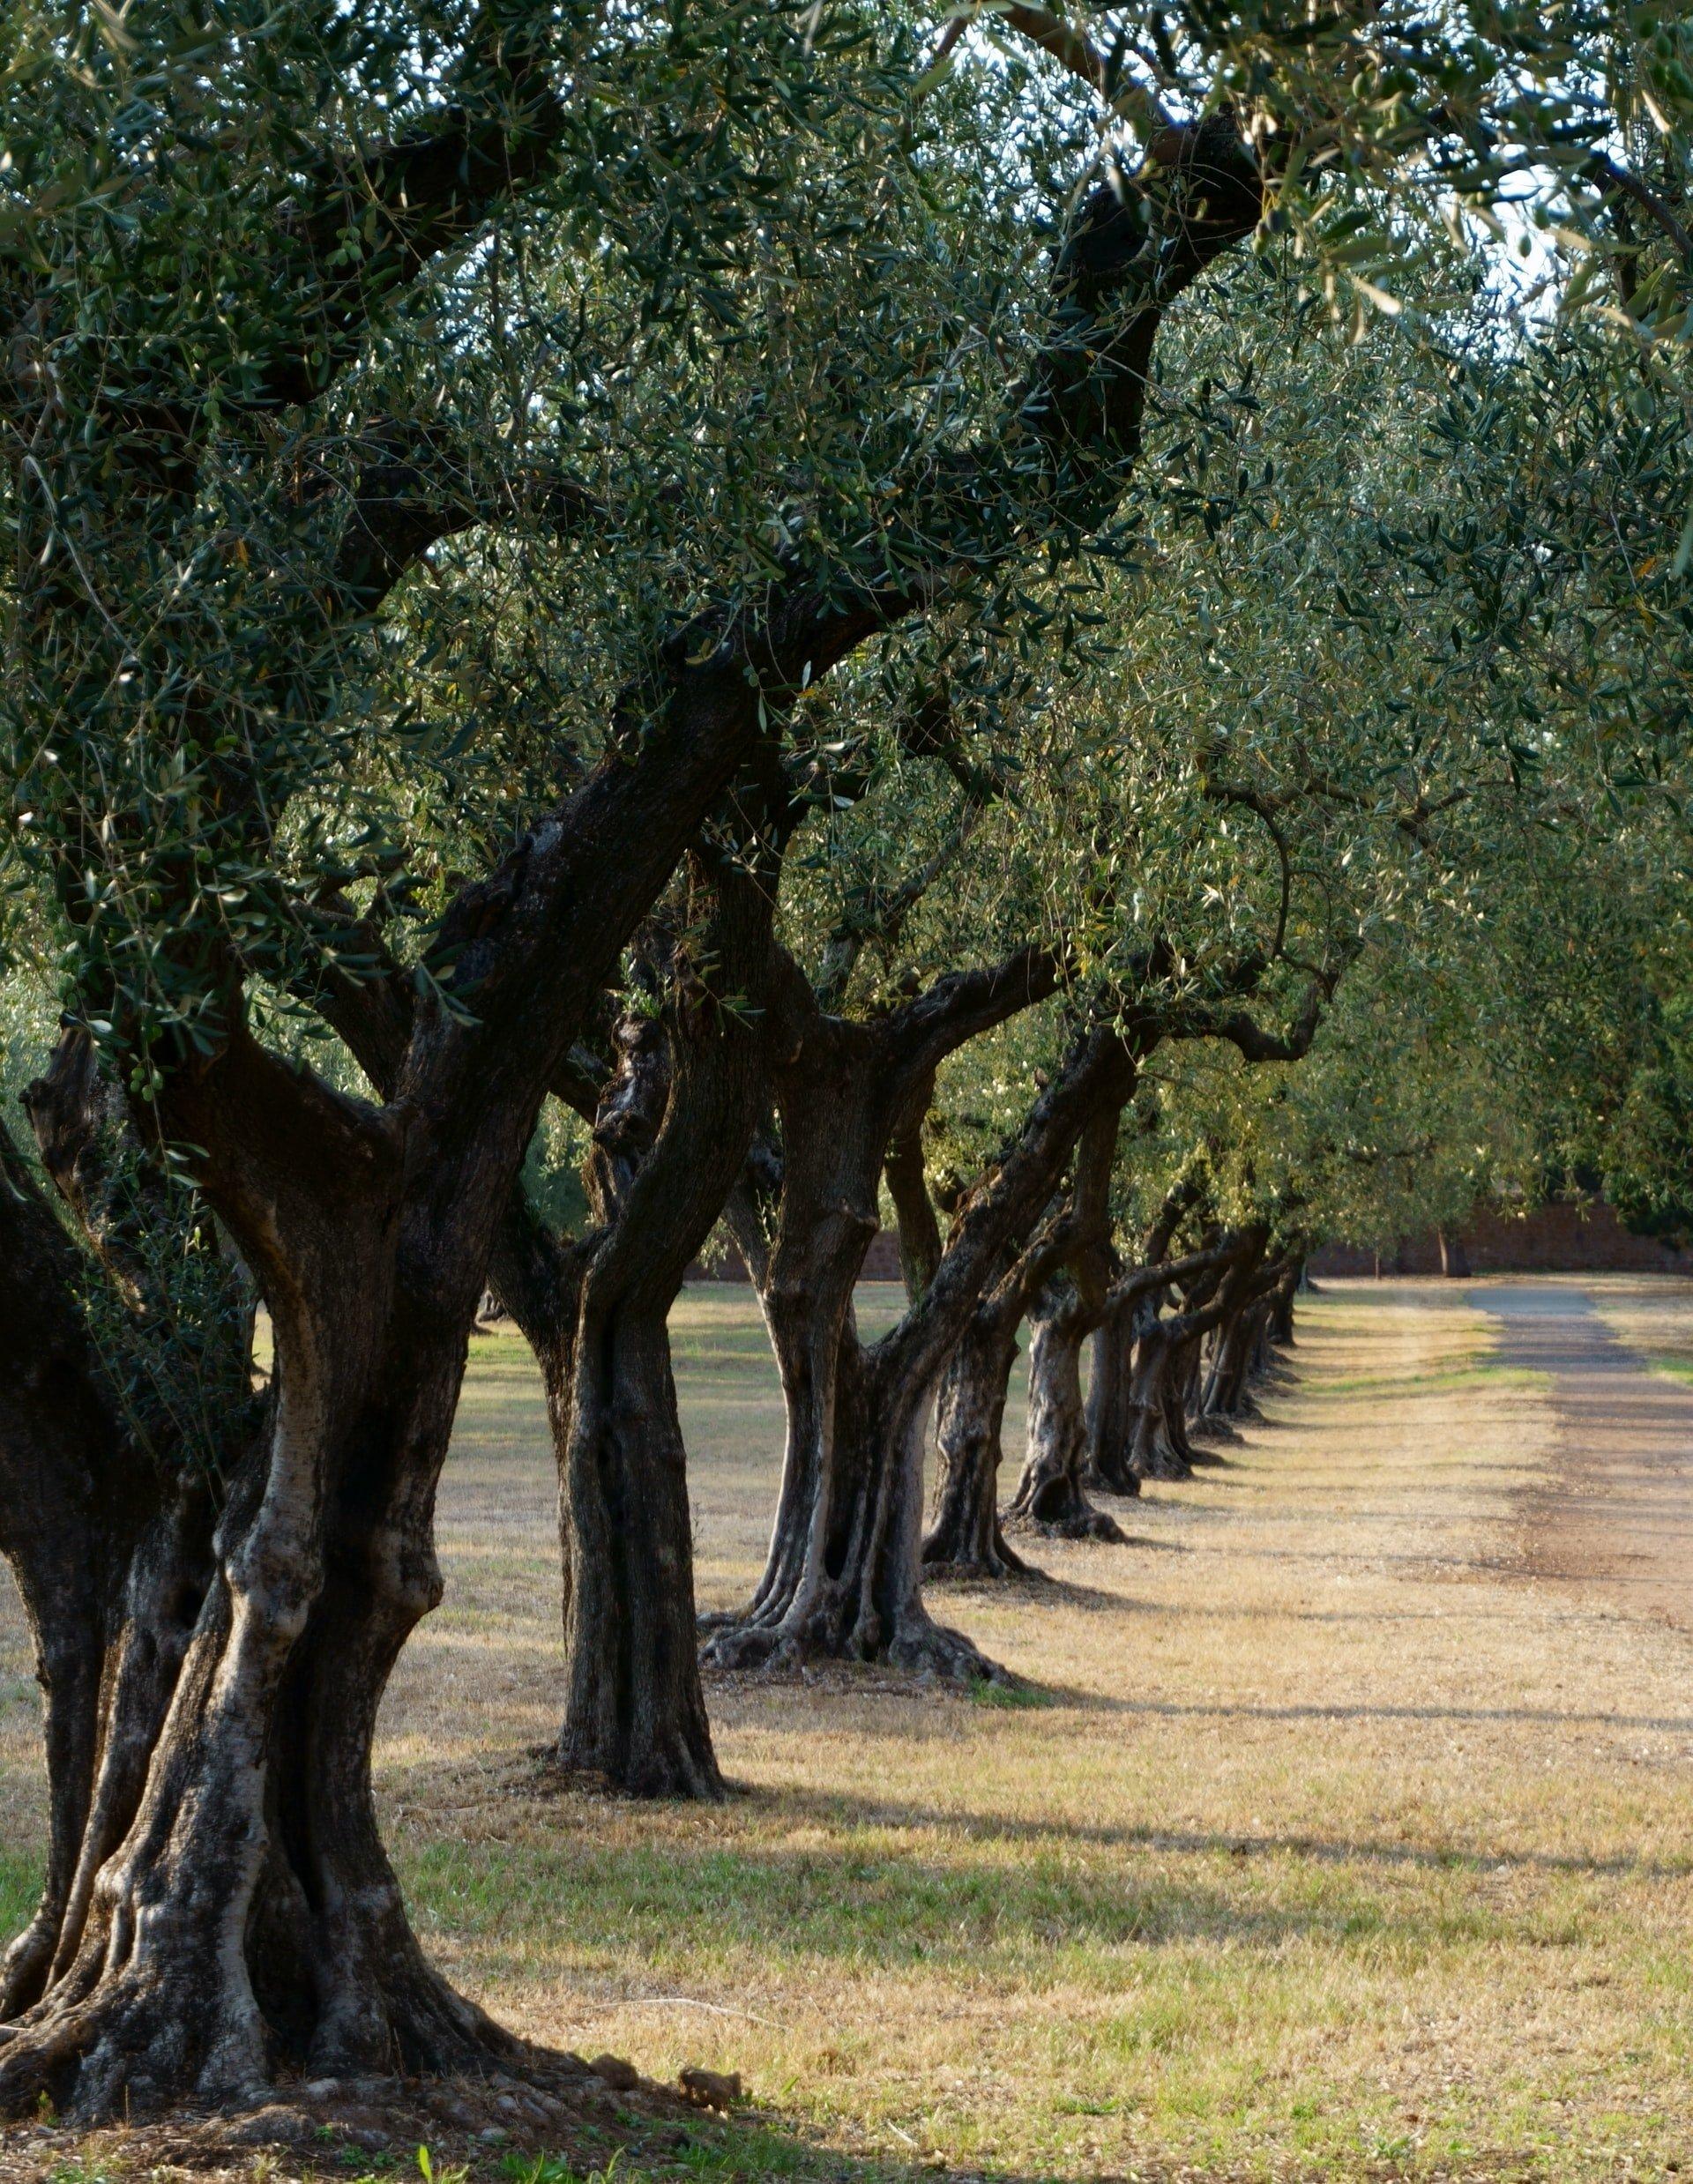 La Liguria, la sua terra, i suoi ulivi